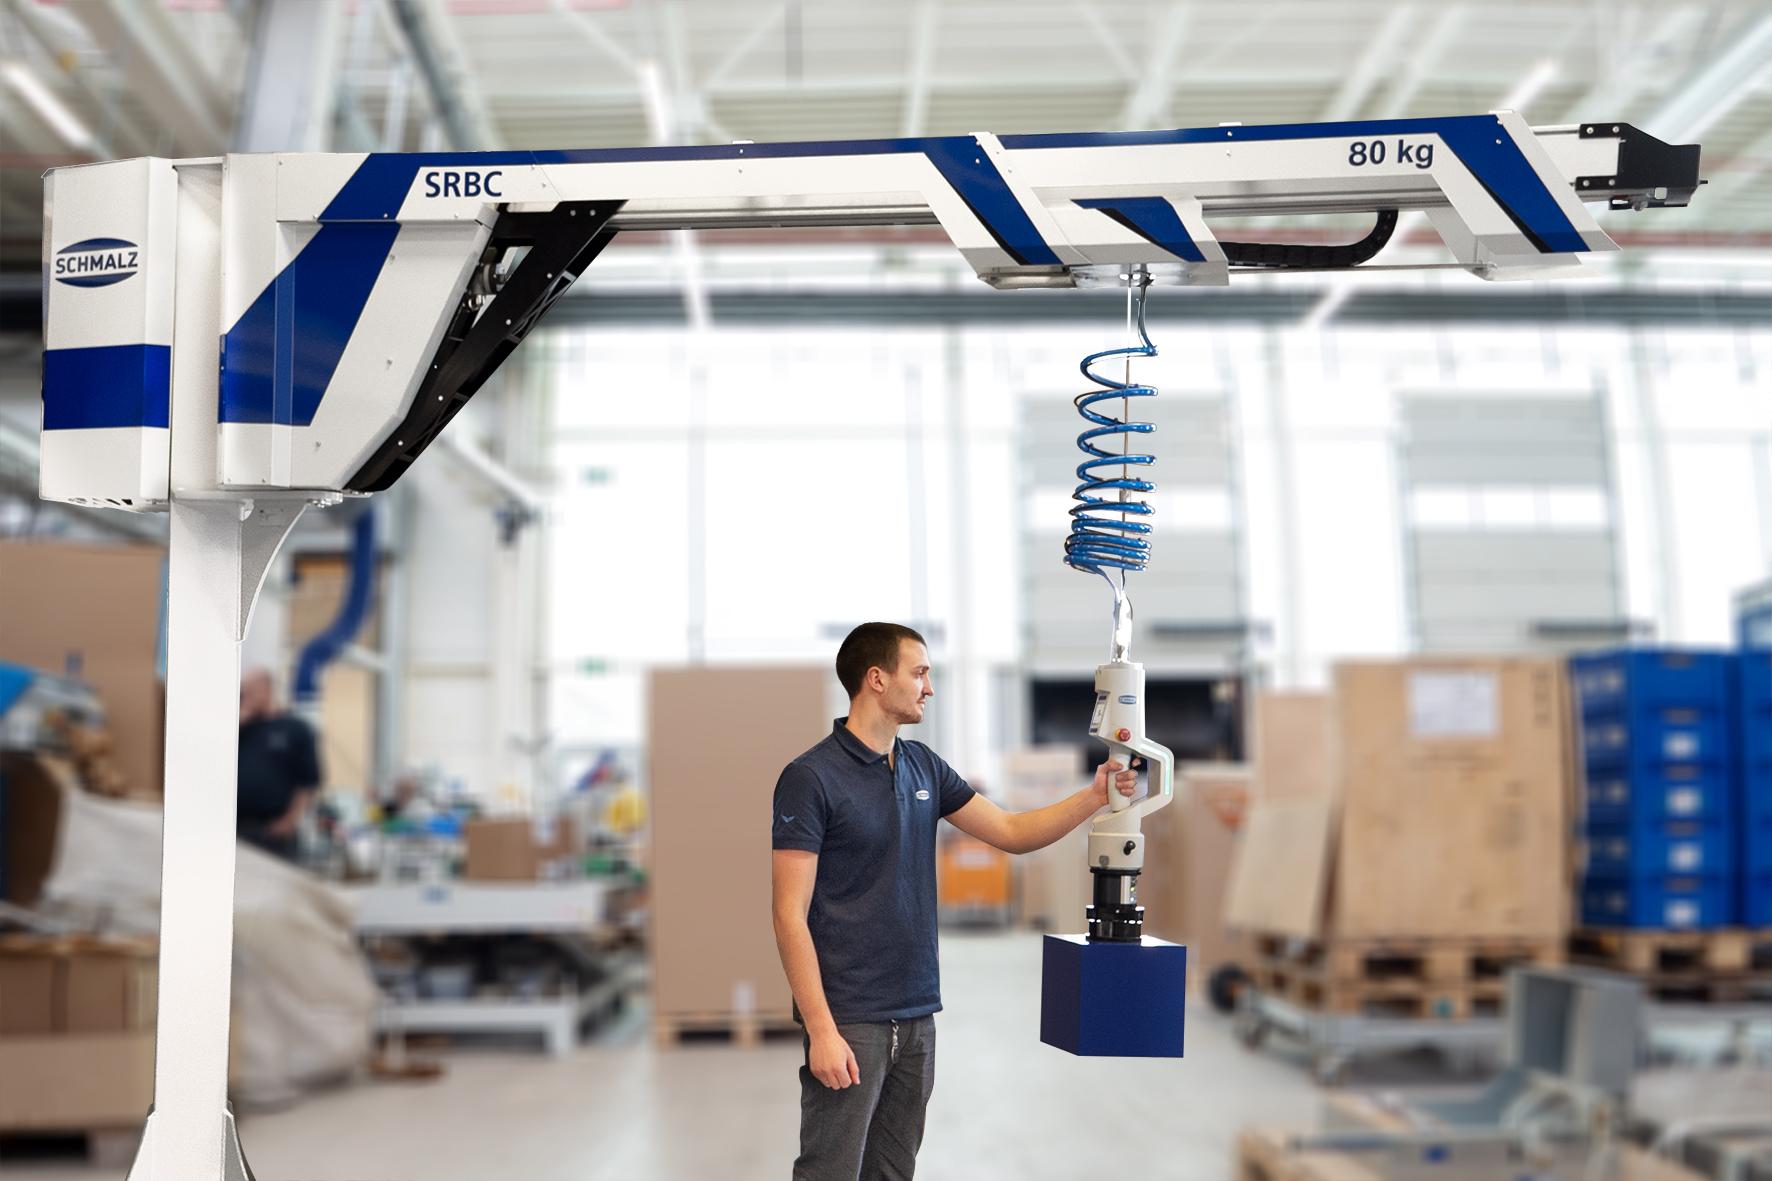 Schmalz hat mit dem kollaborativen Seilbalancer SRBC eine neue Klasse an Hebegeräten entwickelt, die von Grund auf für den Einsatz in der digitalen Produktionsumgebung ausgelegt ist. (Bild: J. Schmalz GmbH)